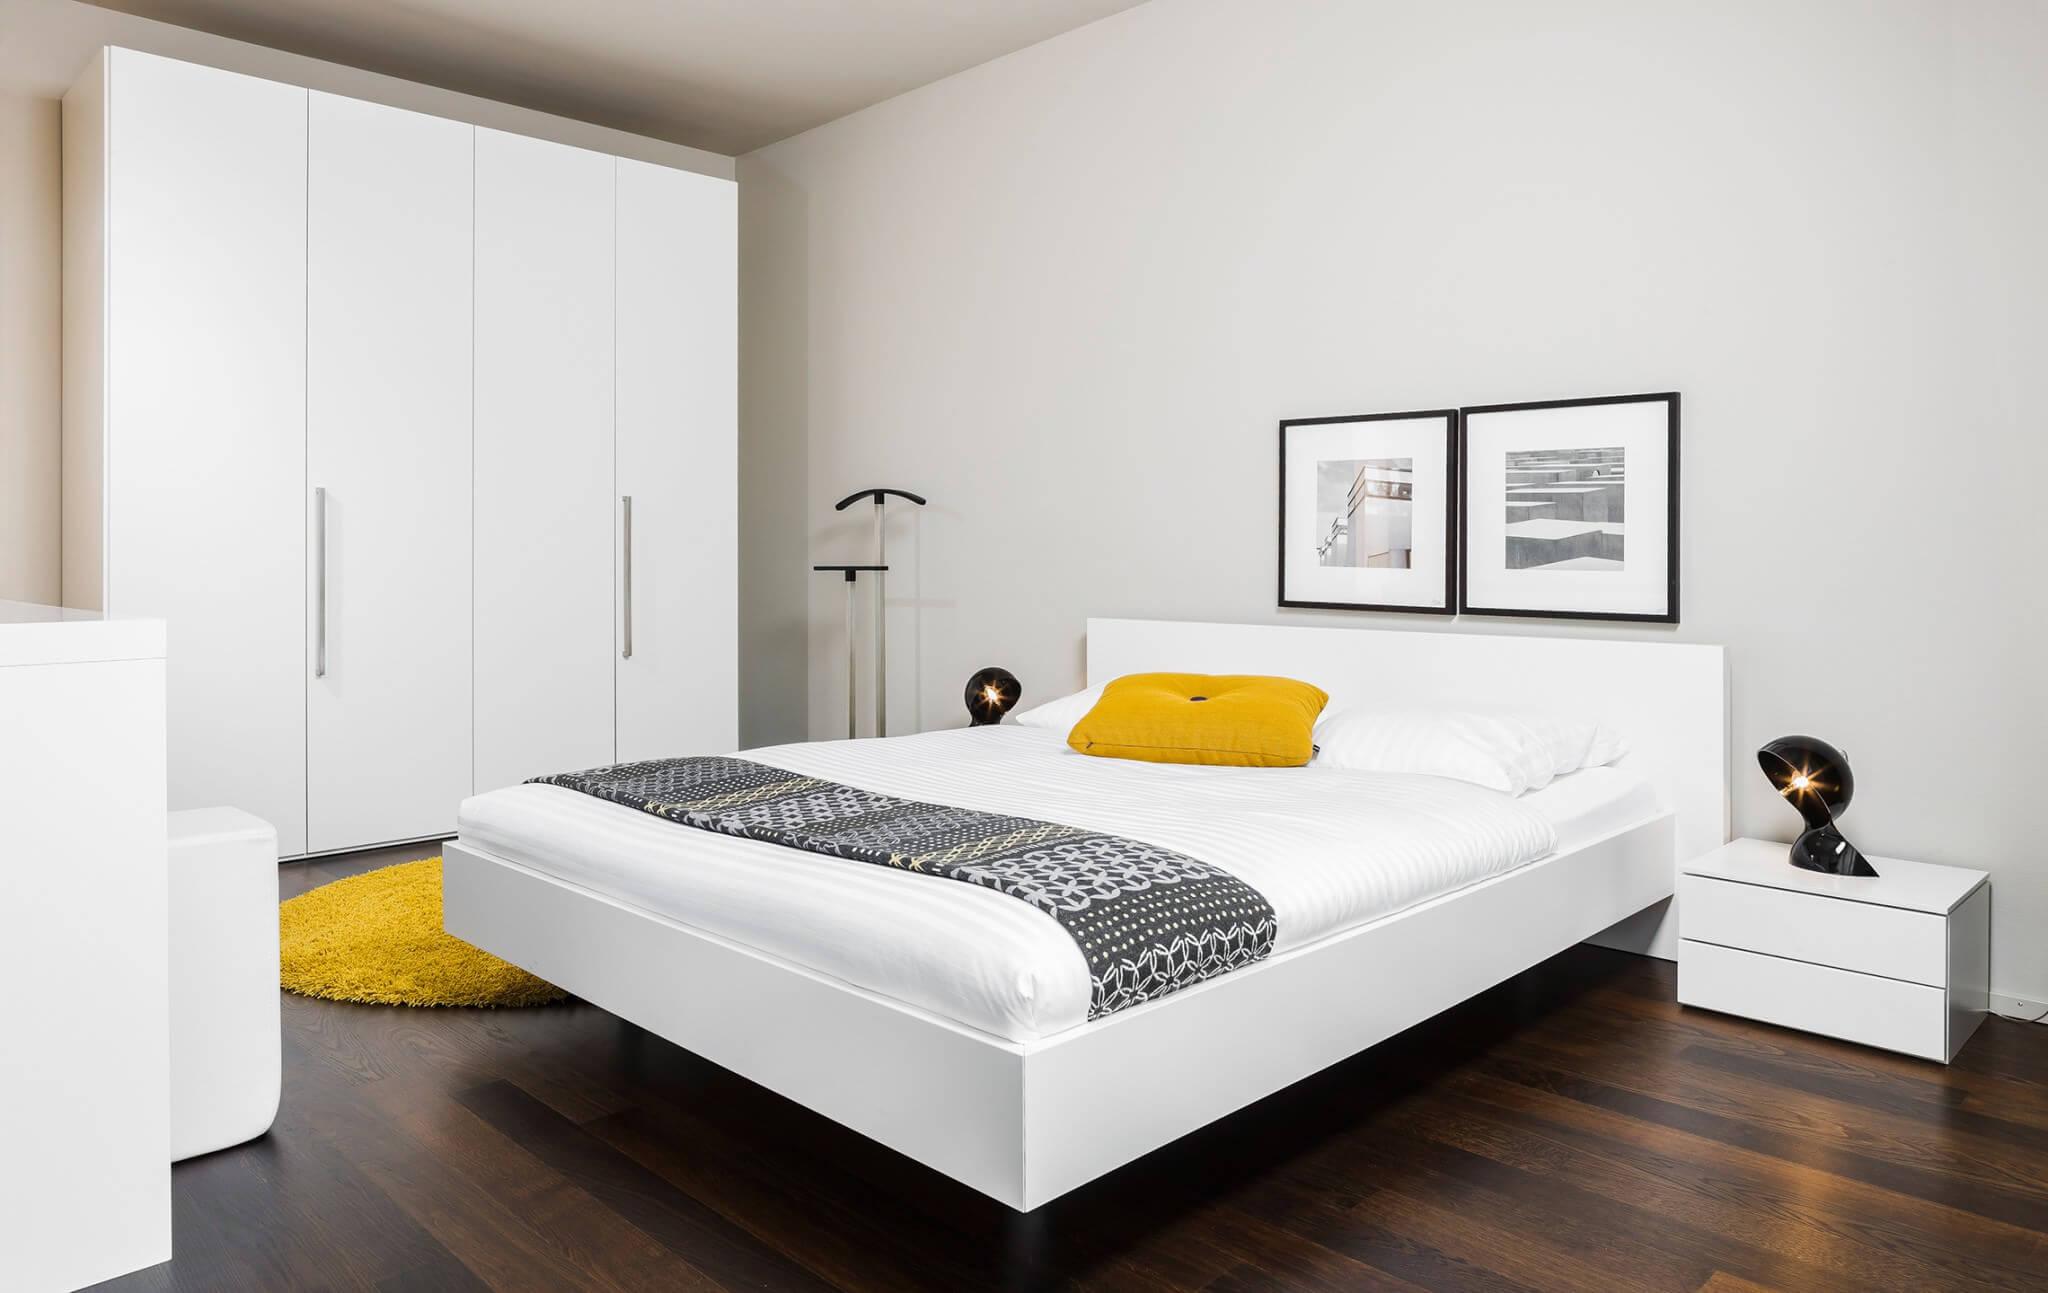 Schlafzimmer Mit Weißen Möbeln Und Senfgelben Dekoakzenten. Schwarzwald,  Waldshut, Fotoshootings, Produktfotografie,